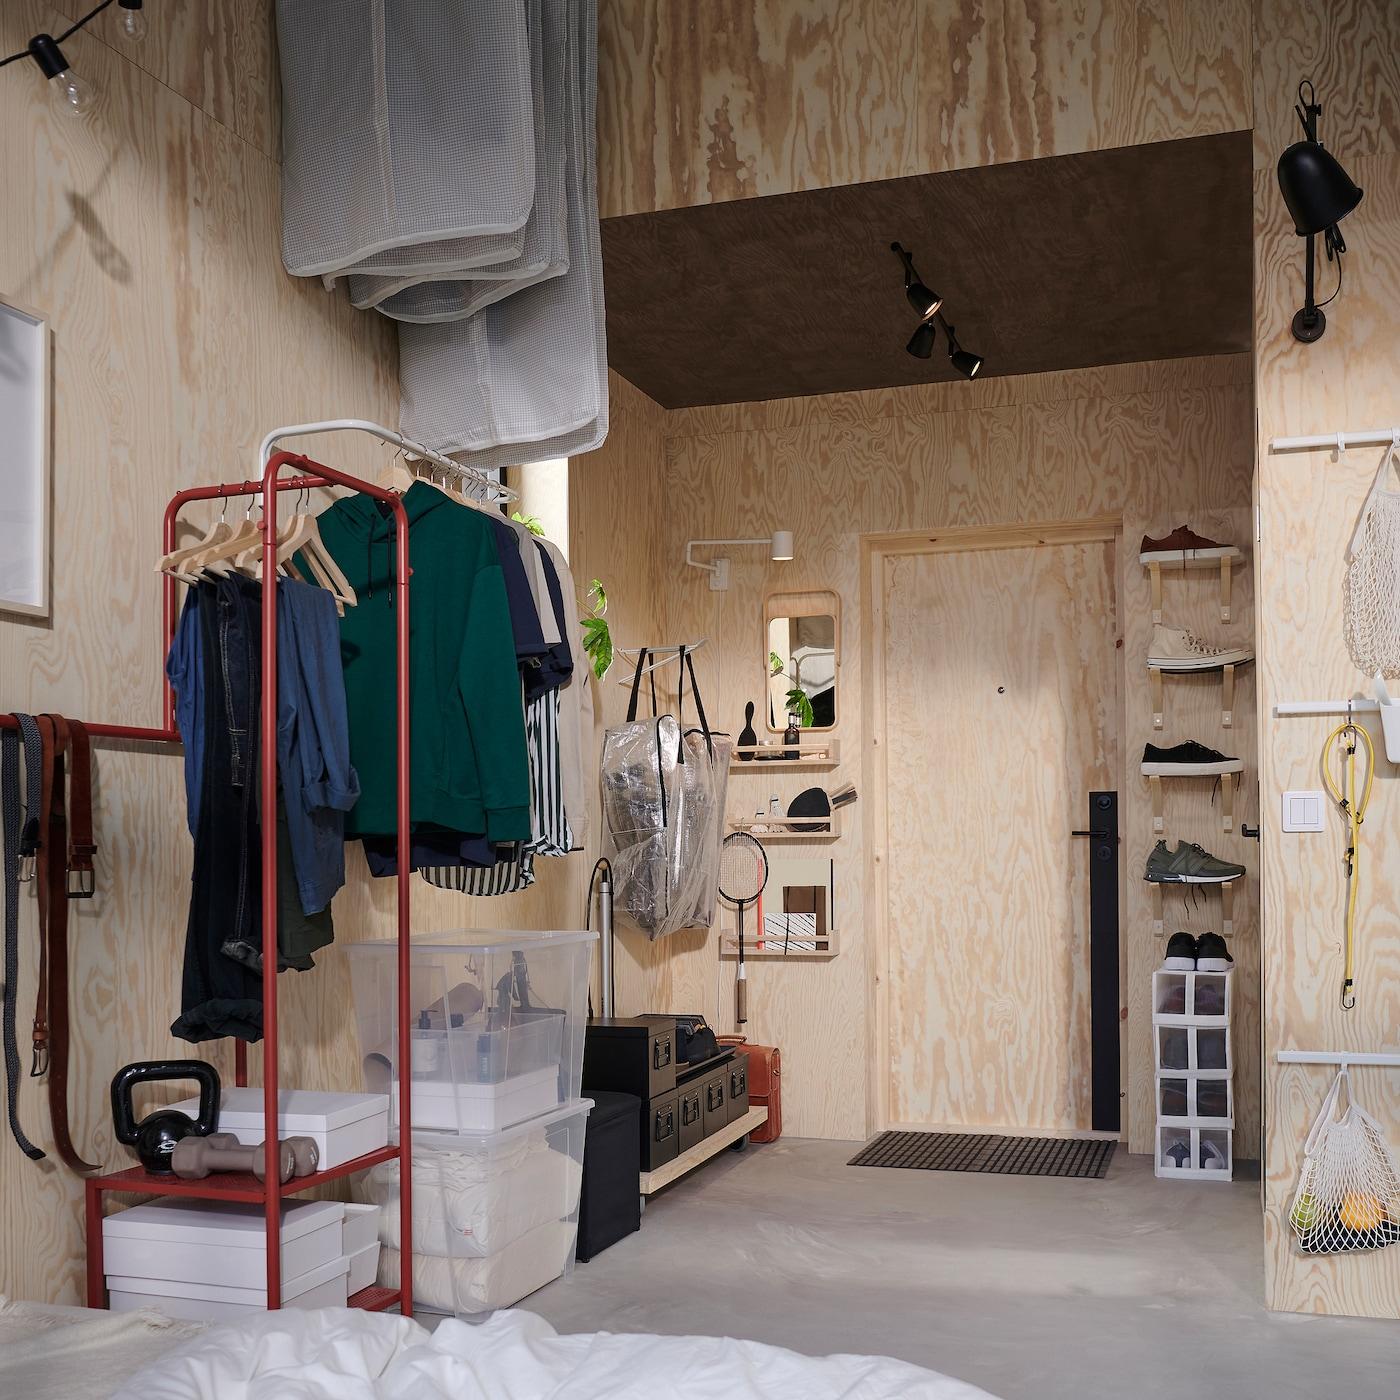 Kis előszoba, magas falakkal, ruhaállvánnyal és konzolokkal, hogy elférjenek a ruhák és a cipők.